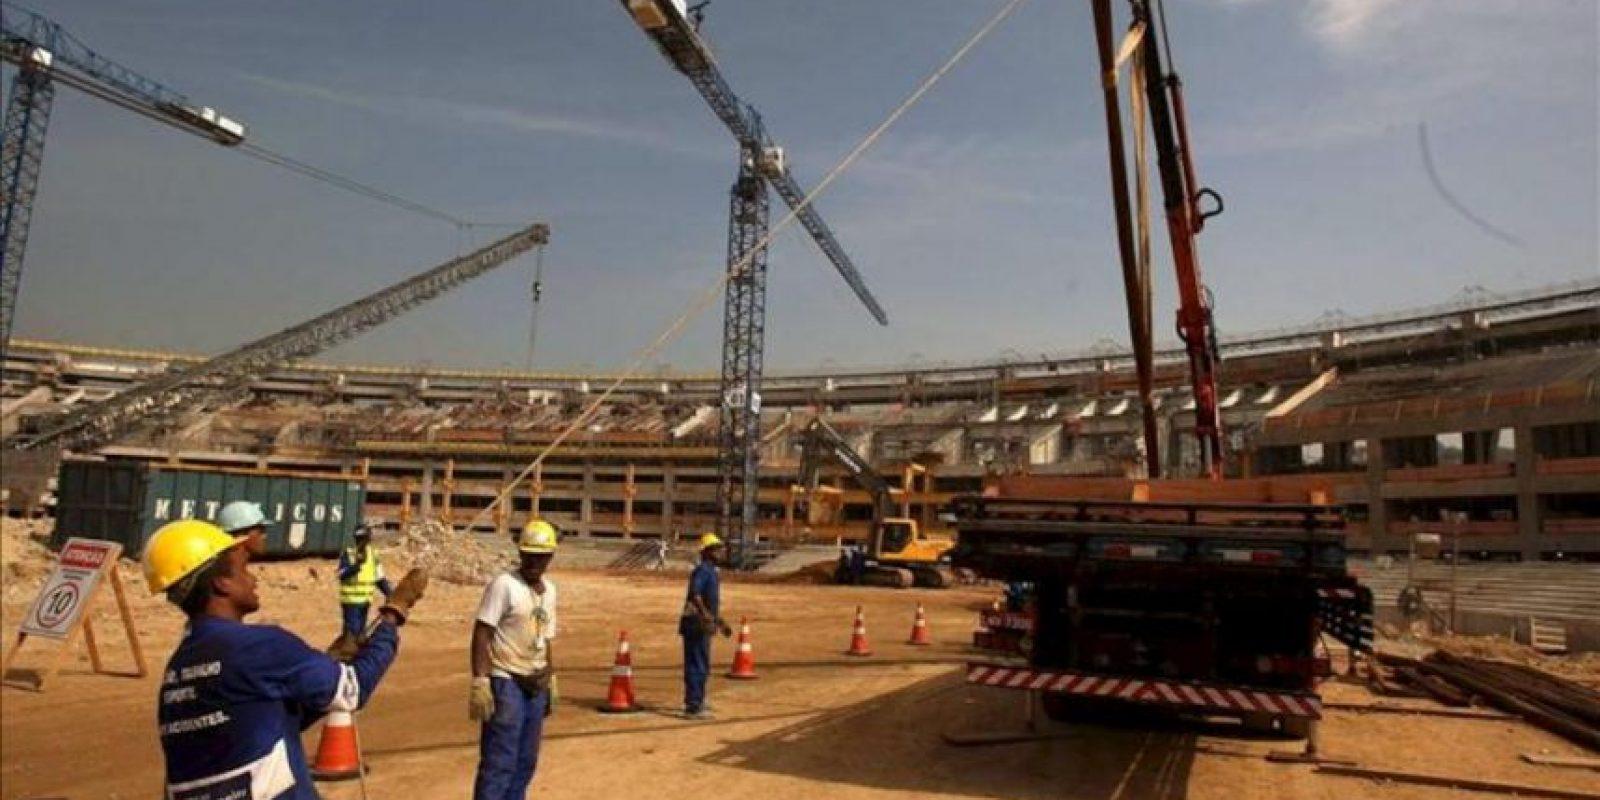 Unos obreros trabajan durante la remodelación del estadio Maracaná donde se llevará a cabo el Mundial de Fútbol de 2014 en Brasil, y que fue abierto al público este 14 de abril, en la ciudad de Río de Janeiro. EFE